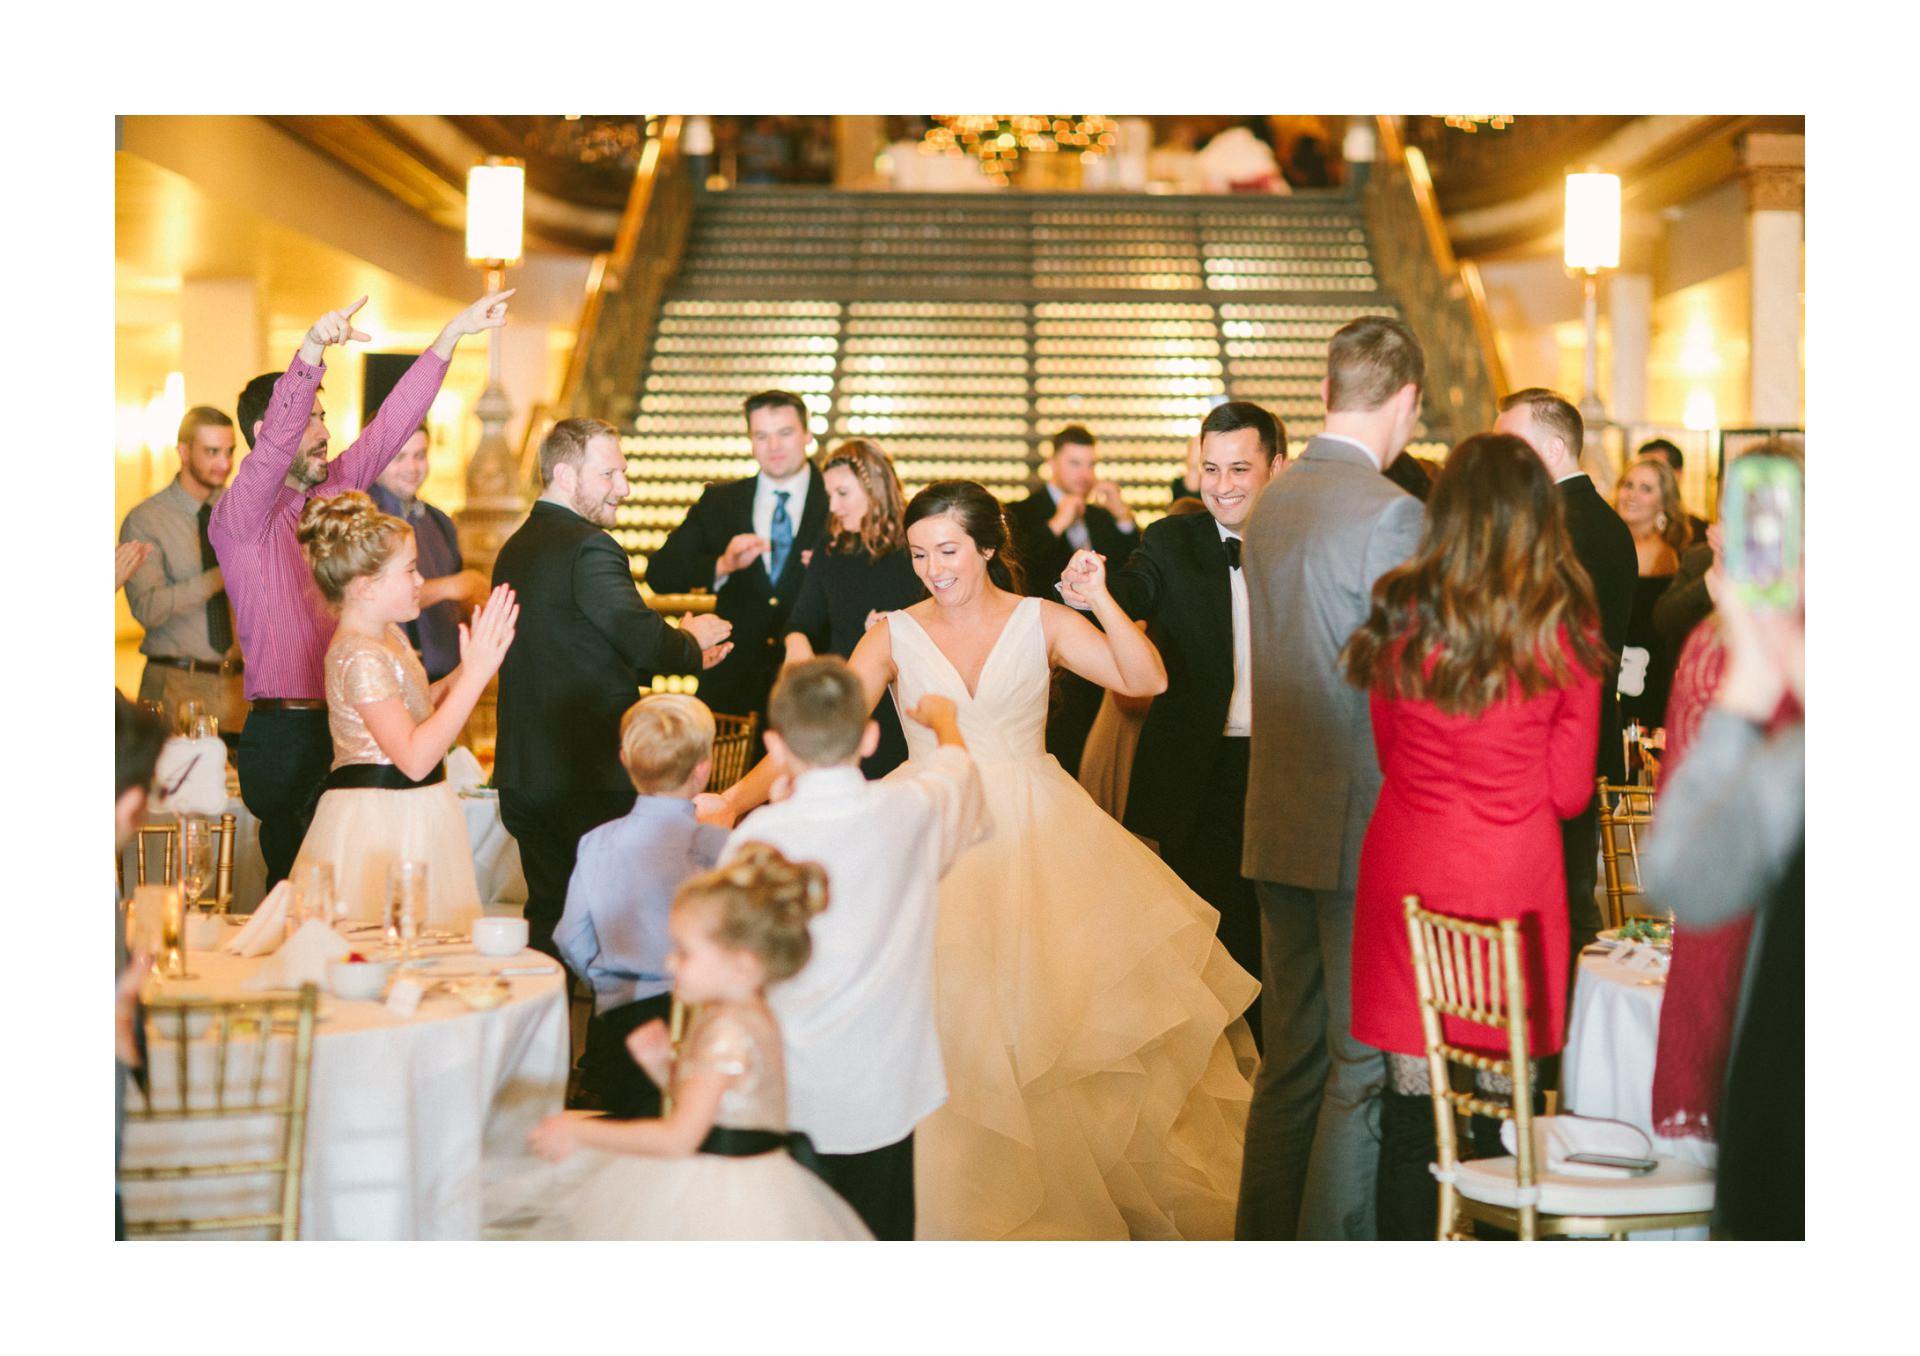 Hyatt Old Arcade Wedding Photographer in Cleveland 2 15.jpg